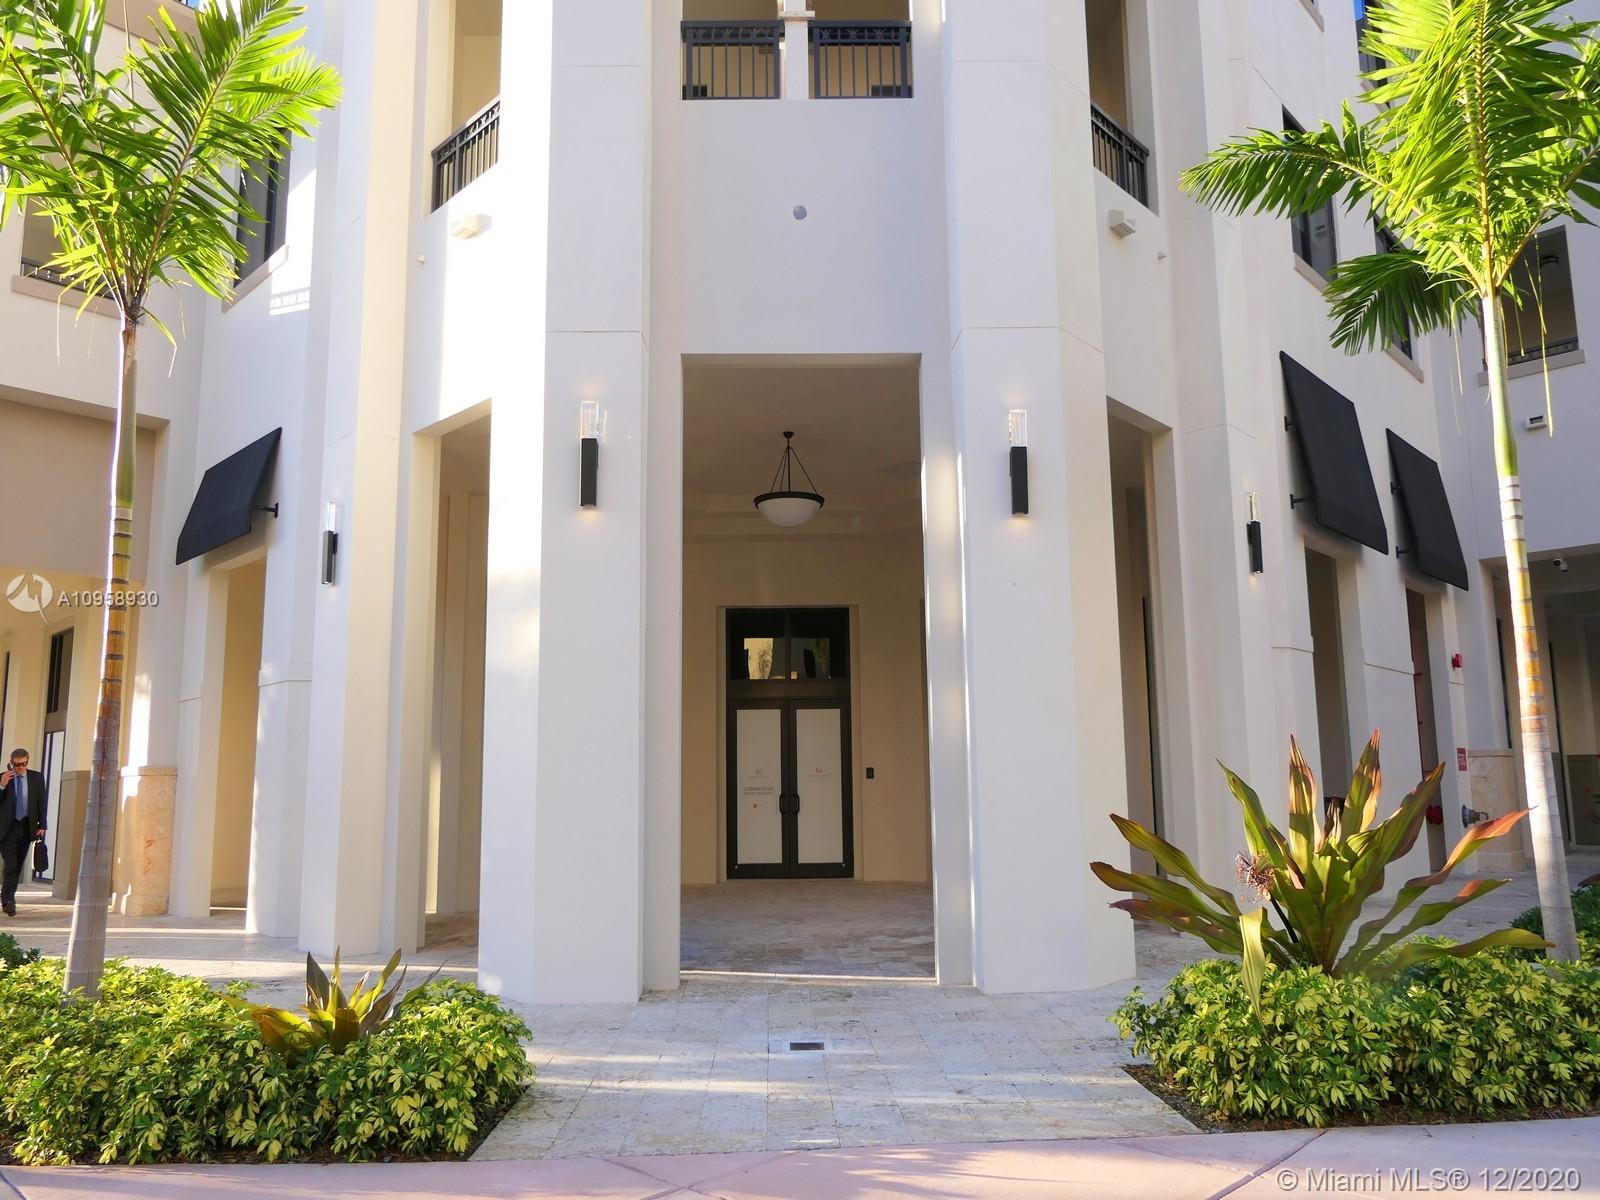 Merrick Manor #CU3 - 301 Altara Ave #CU3, Coral Gables, FL 33146